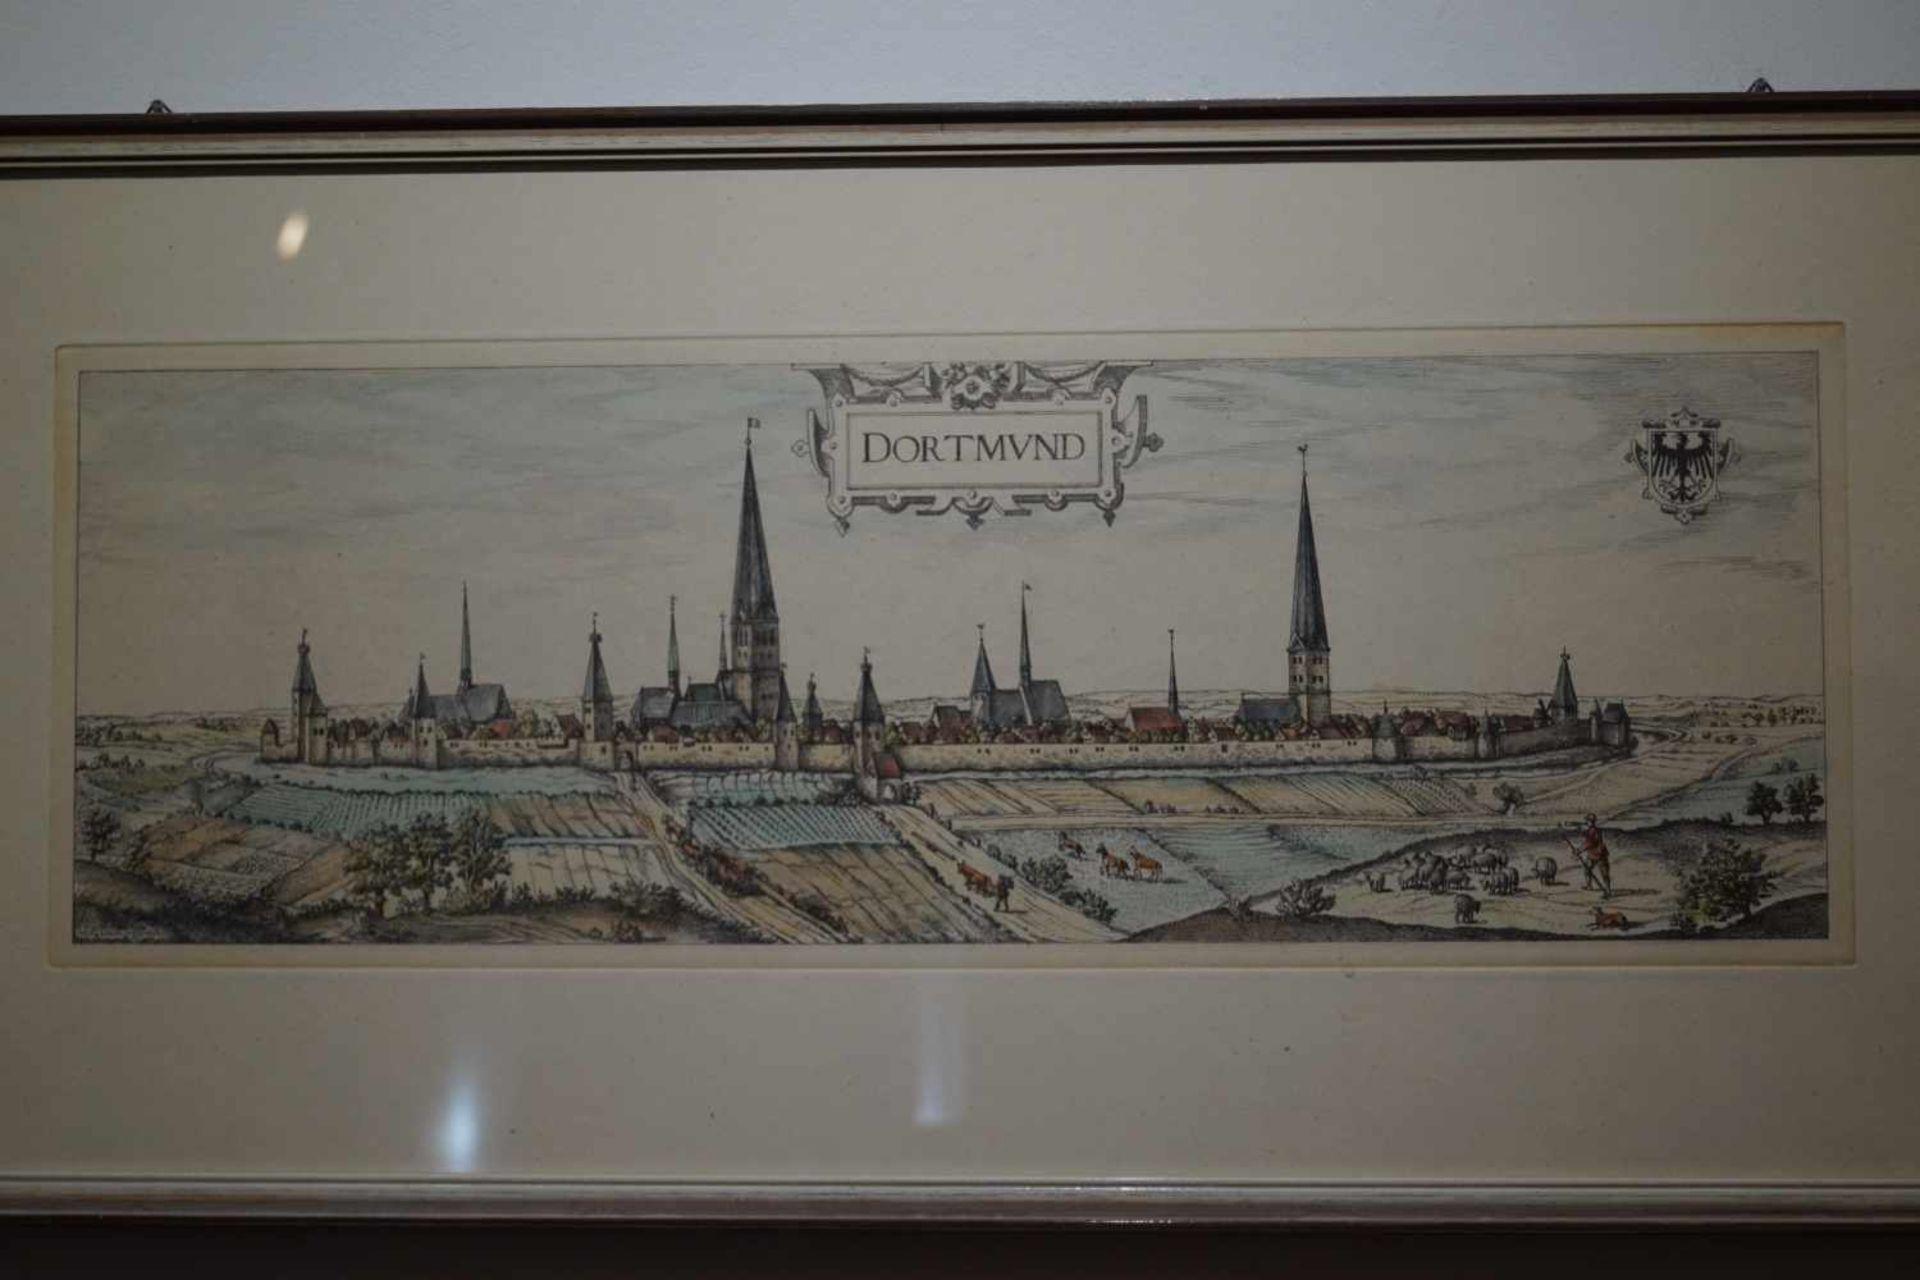 Ansicht von Dortmund im Mittelalter Farbstich, unter Glas gerahmt, Höhe 34,5 cm x Breite 71 cm, in - Bild 2 aus 5